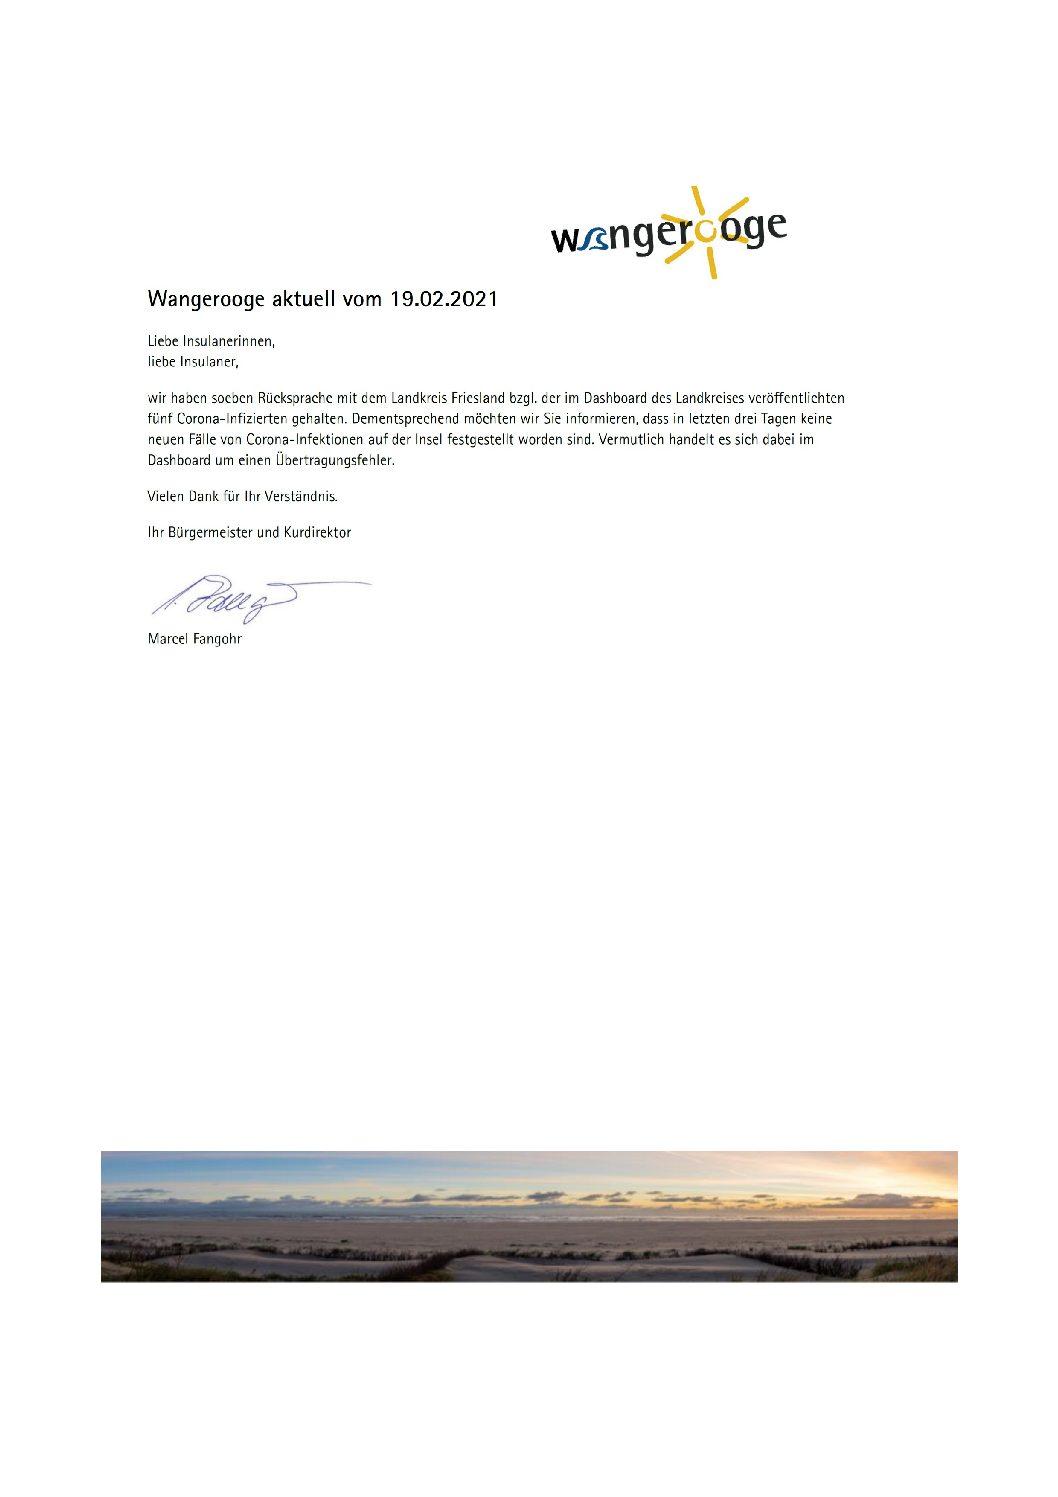 Wangerooge Aktuell der Kurverwaltung vom 19.02.2021 Coid19 Meldung war Übertragungsfehler